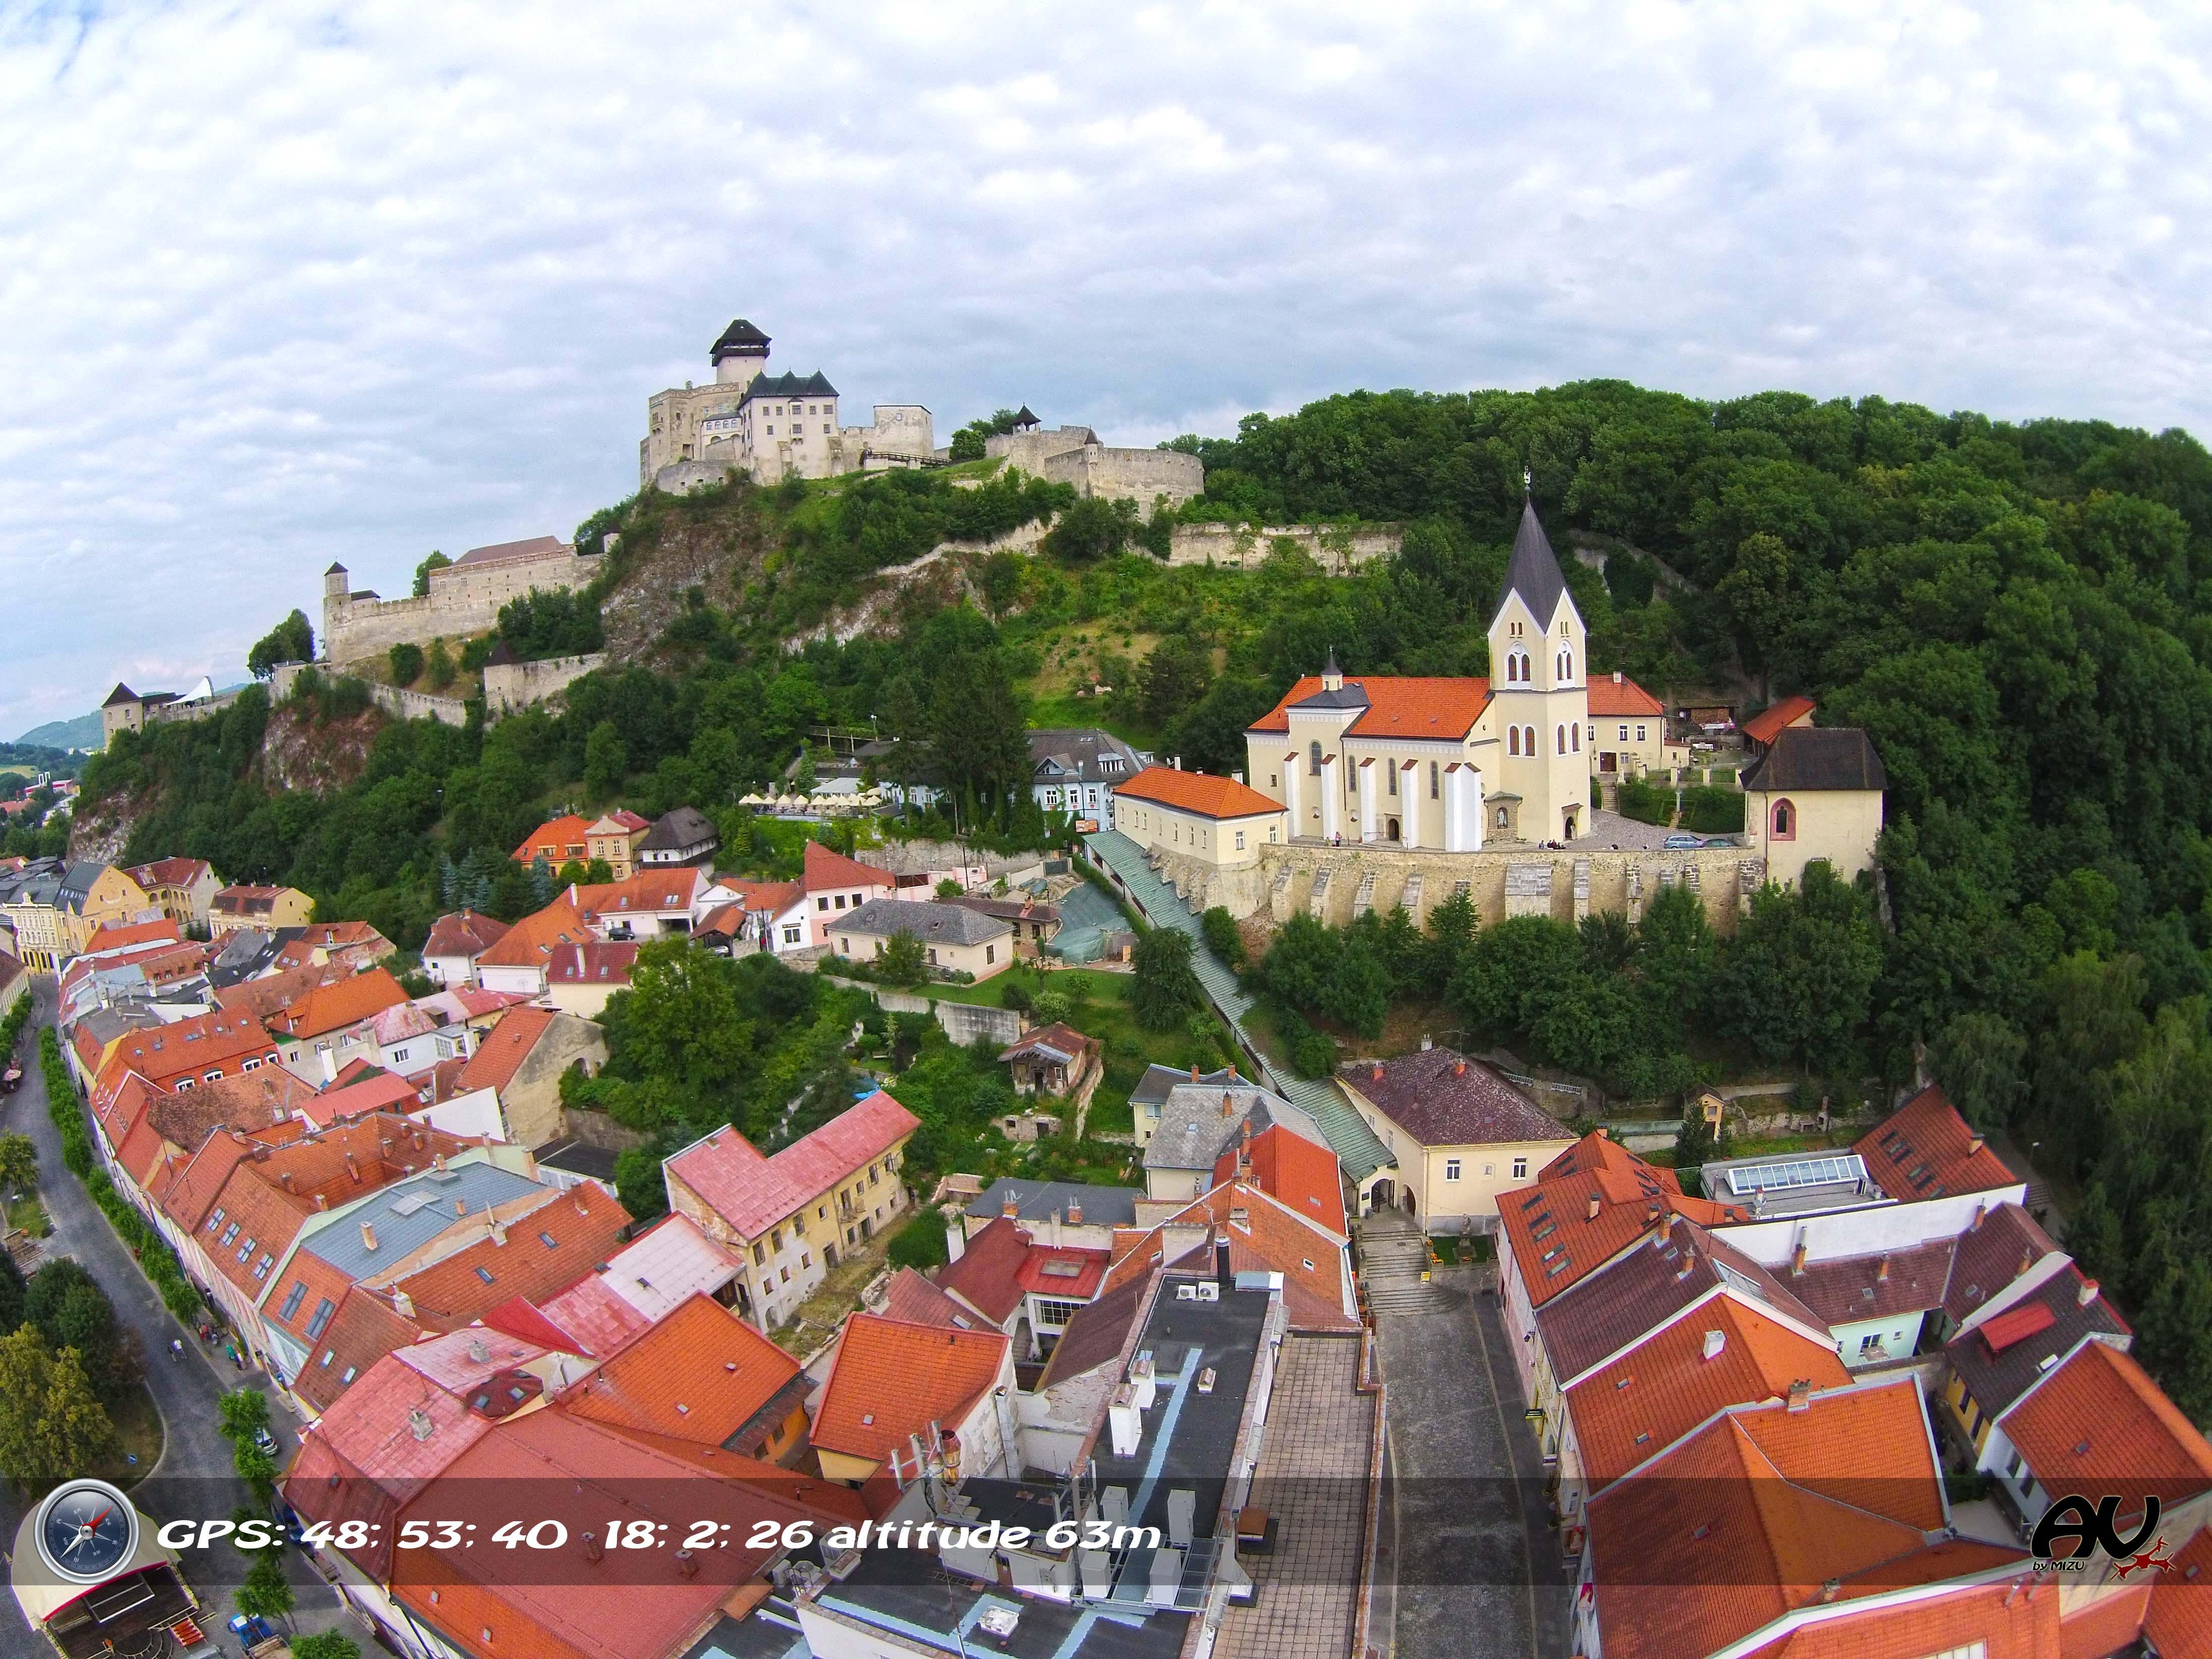 Trencin castle, Trencin, Slovakia